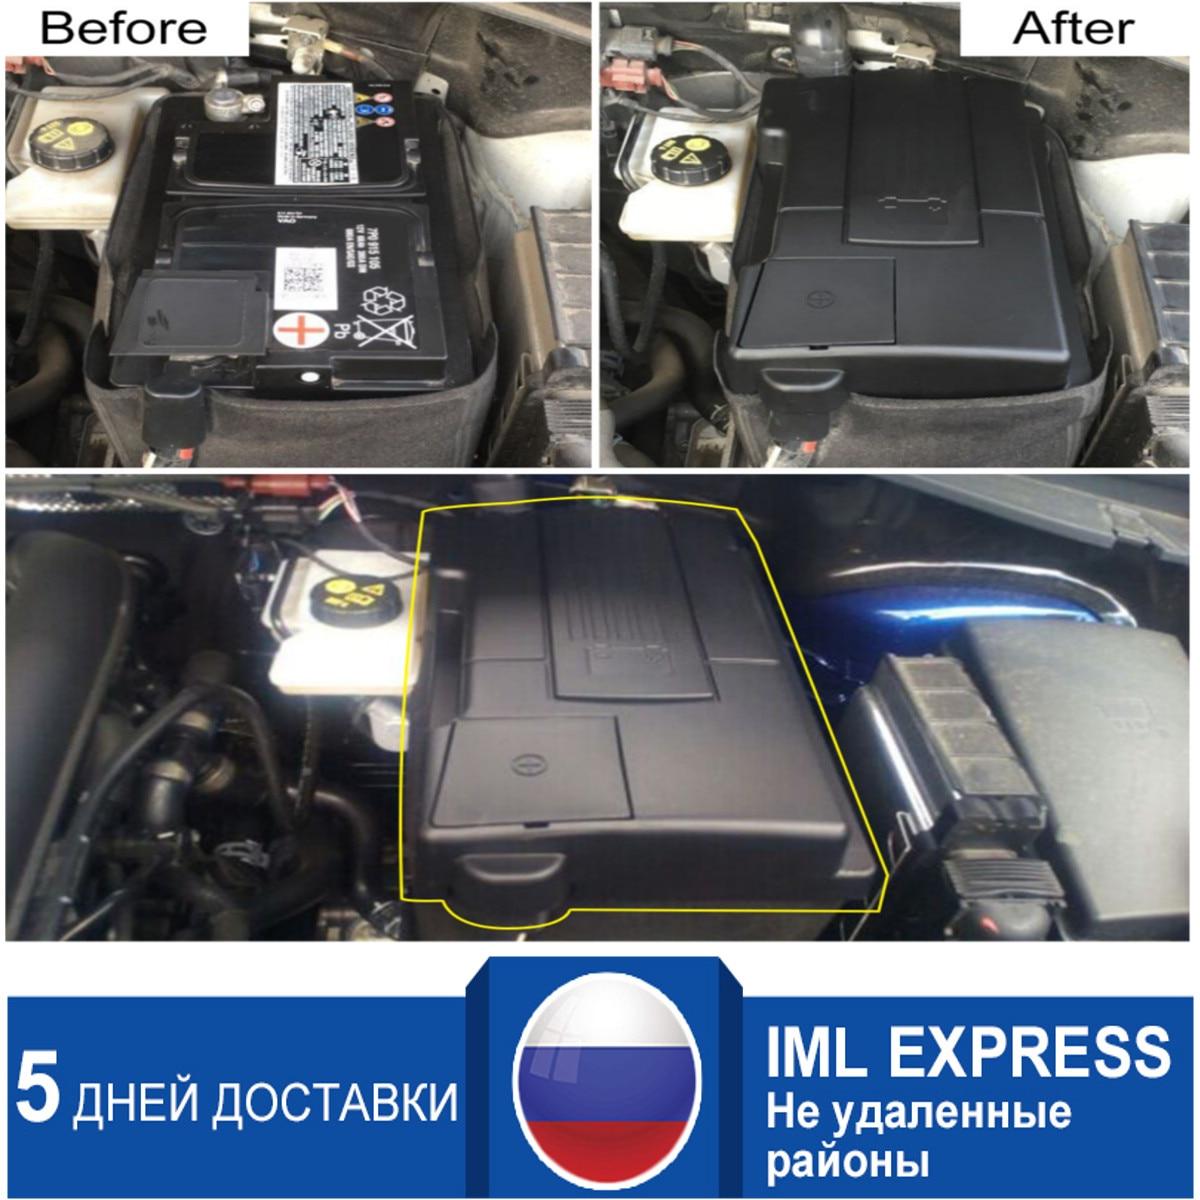 Пыленепроницаемый отрицательный электродный водонепроницаемый защитный чехол для двигателя Skoda Kodiaq Octavia 5E A7 VW Tiguan L 2016-2019